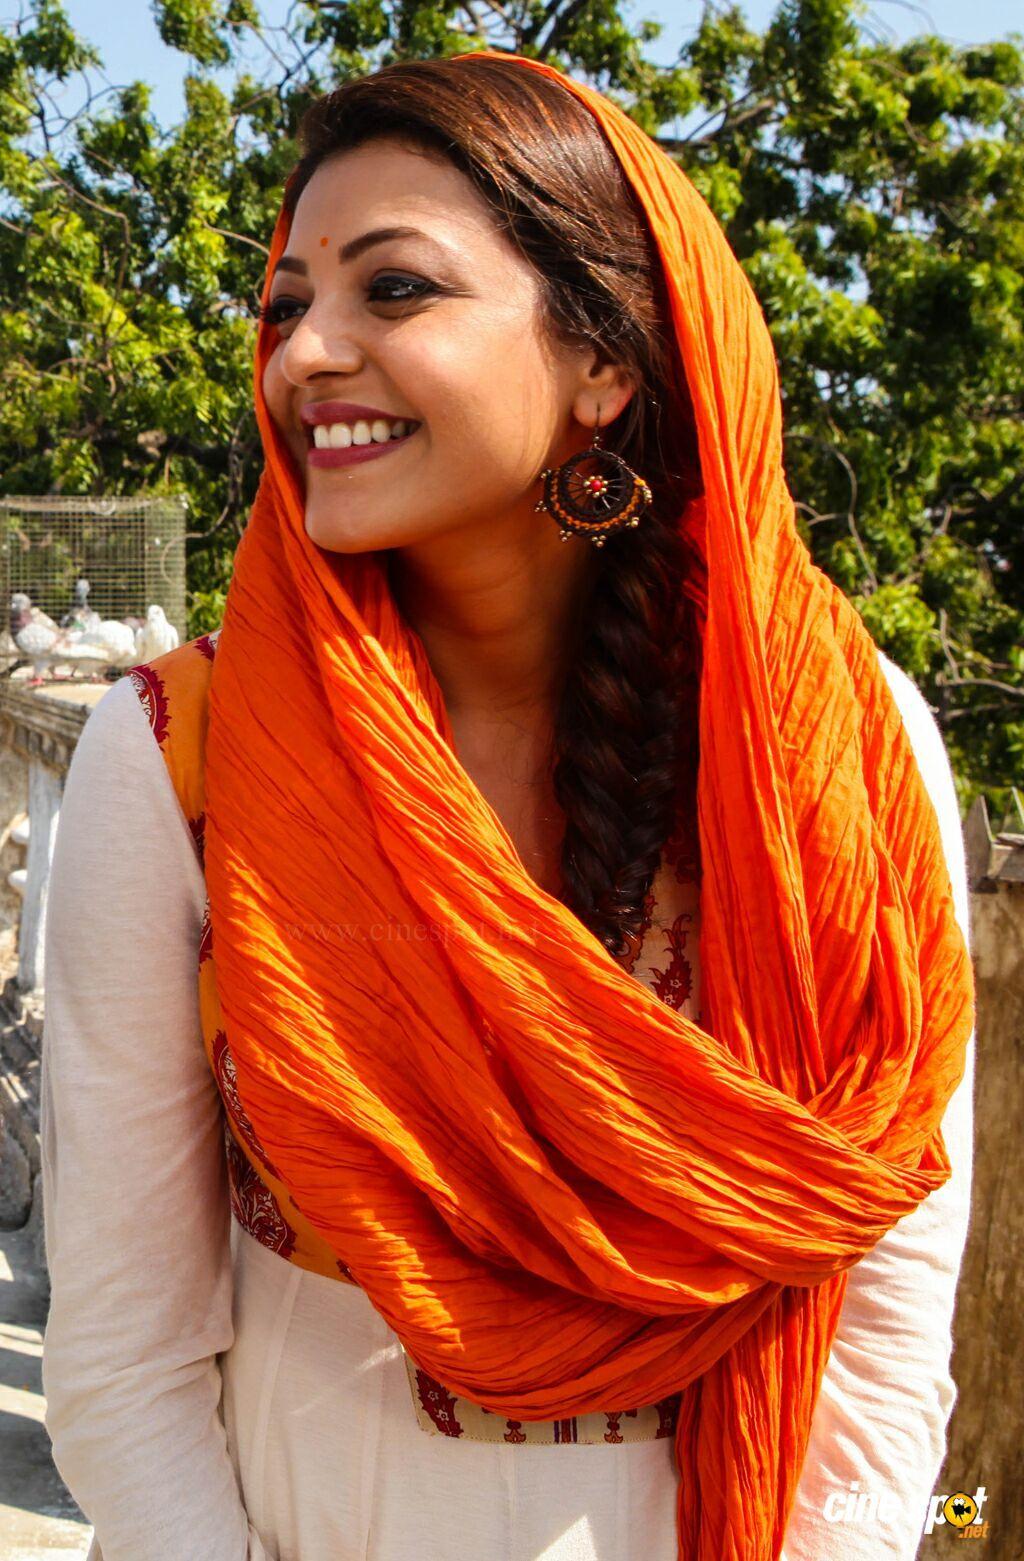 Kajal Agarwal In Maari South Indian Actress Indian Girls Actresses